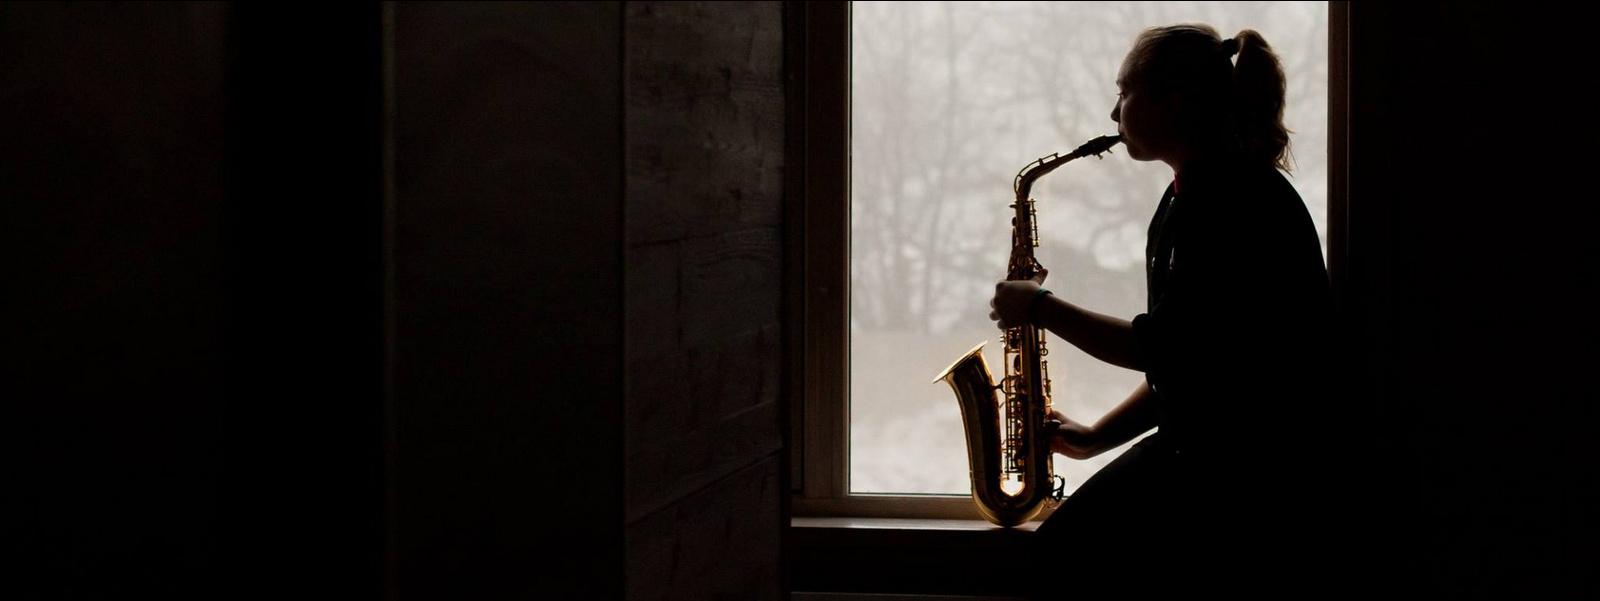 Mariell spiller saksofon